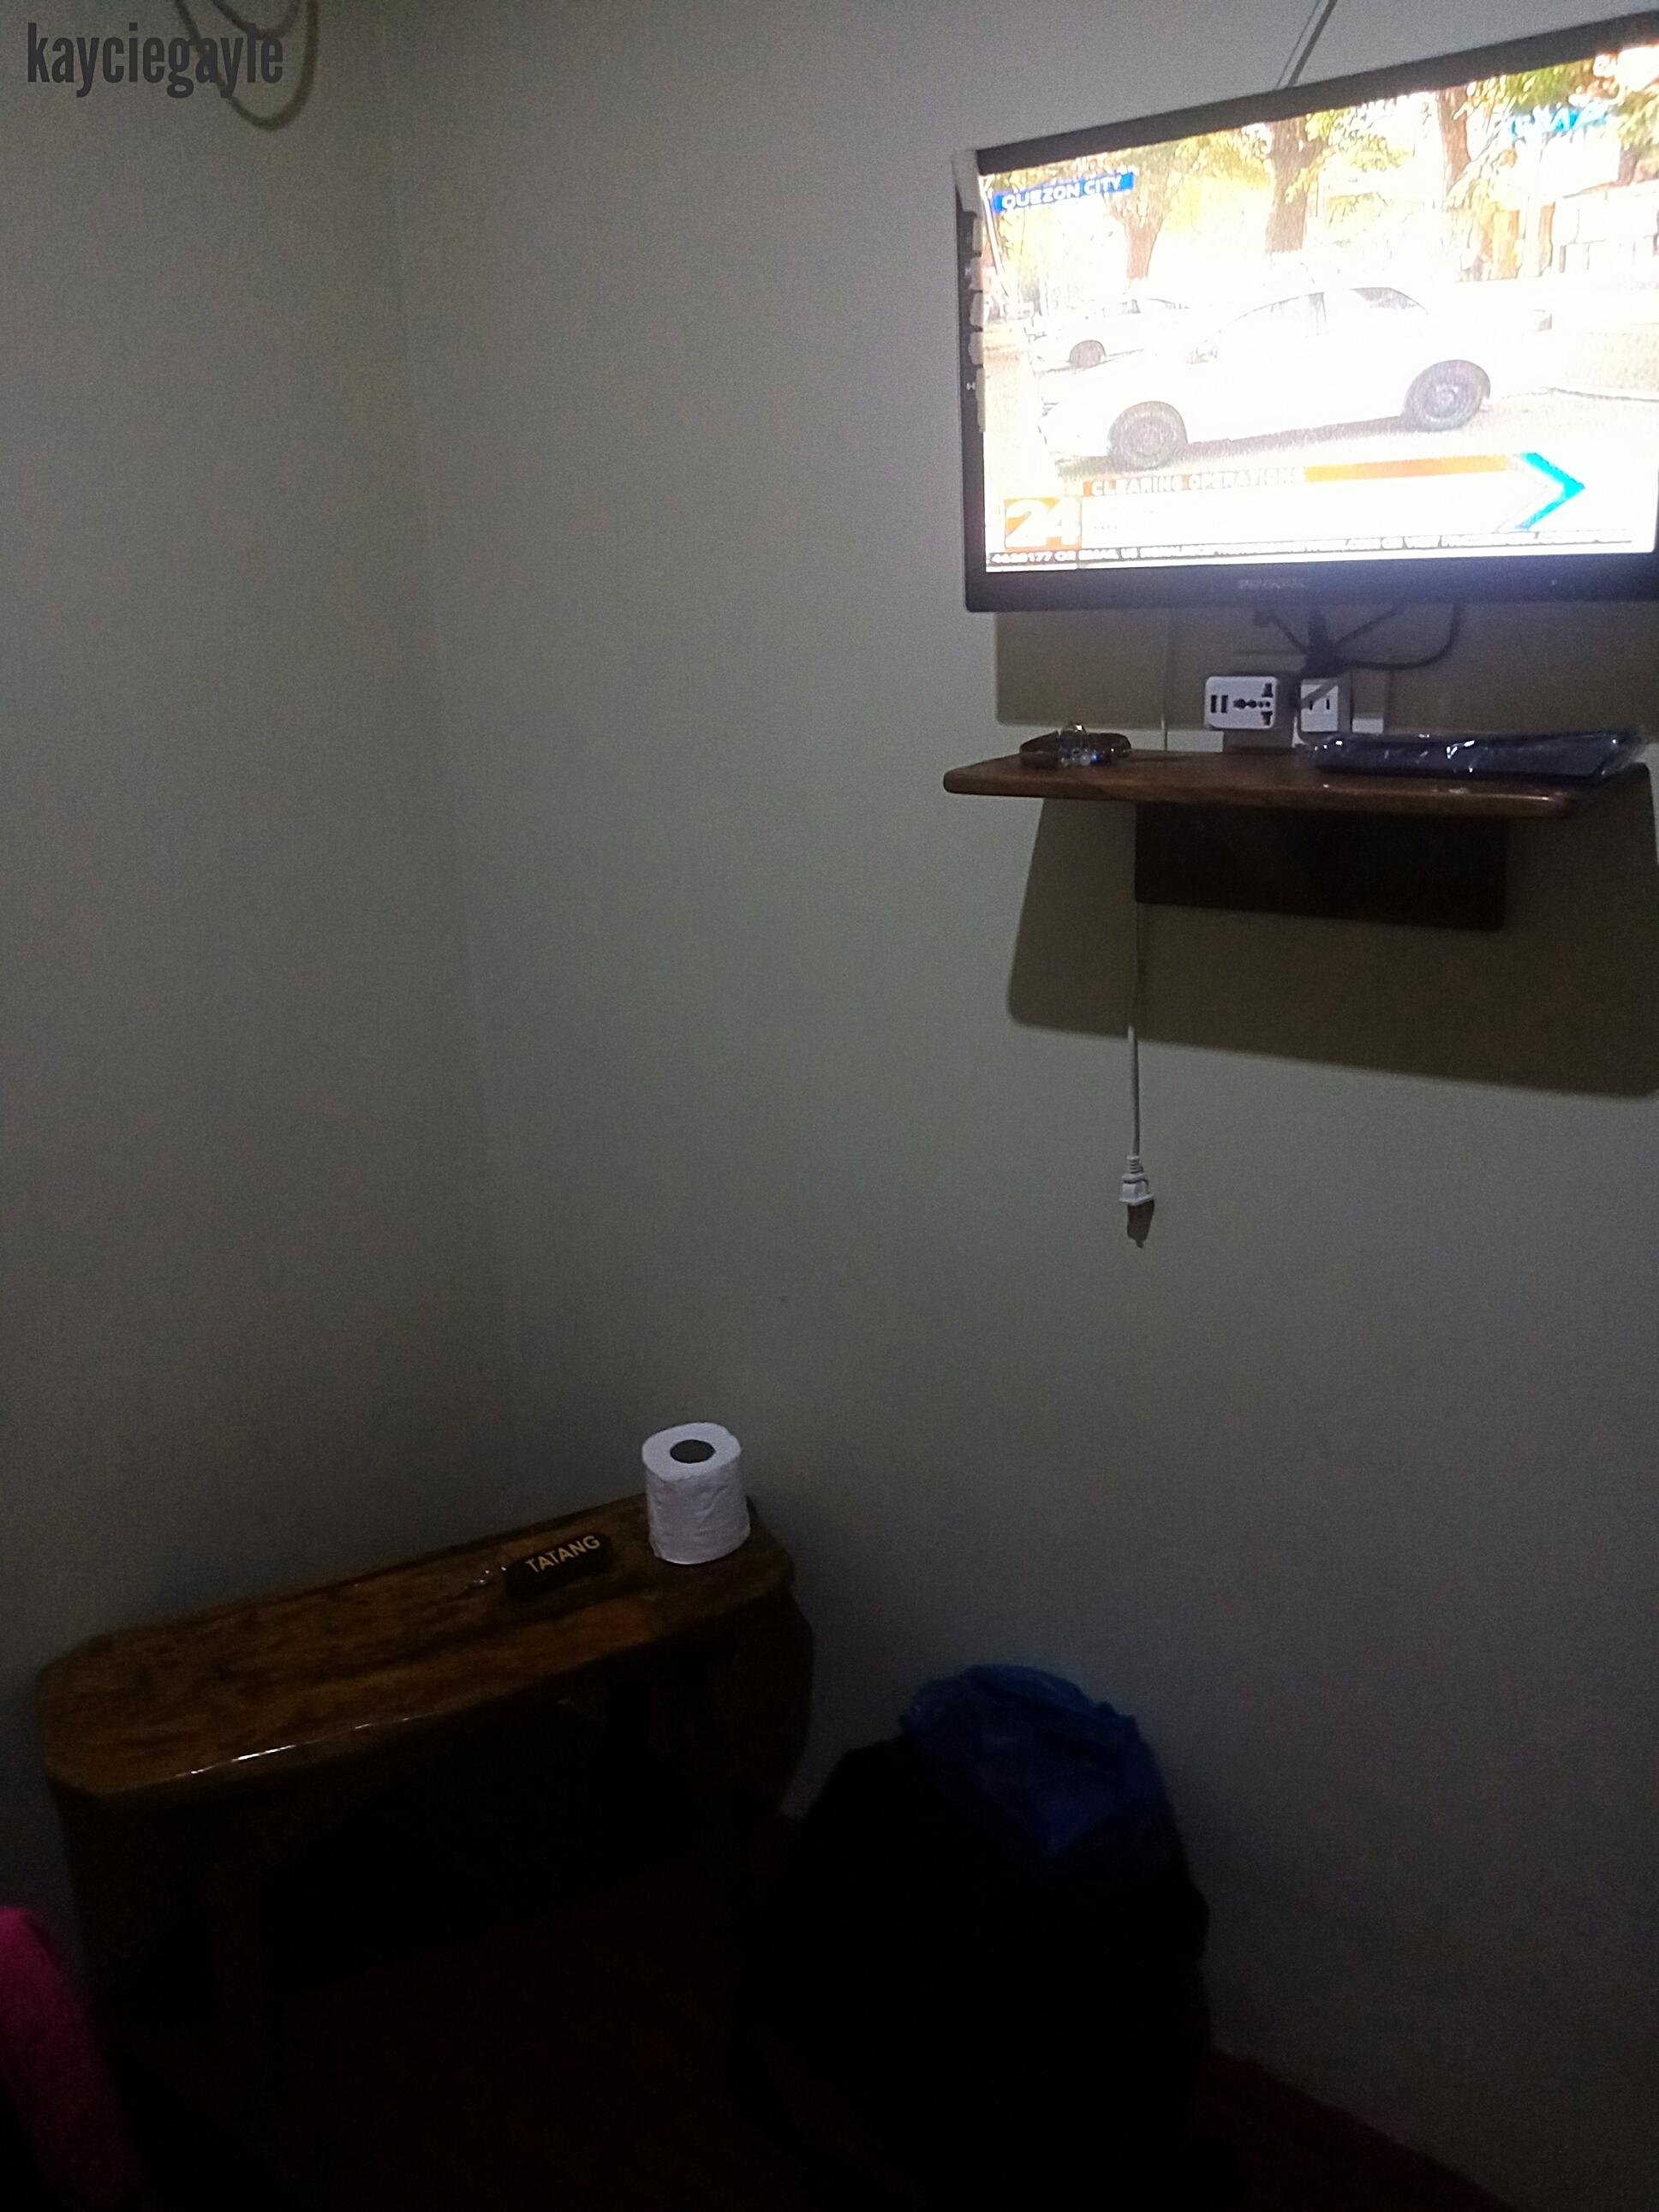 Casa de Viajero Tourist Inn TV